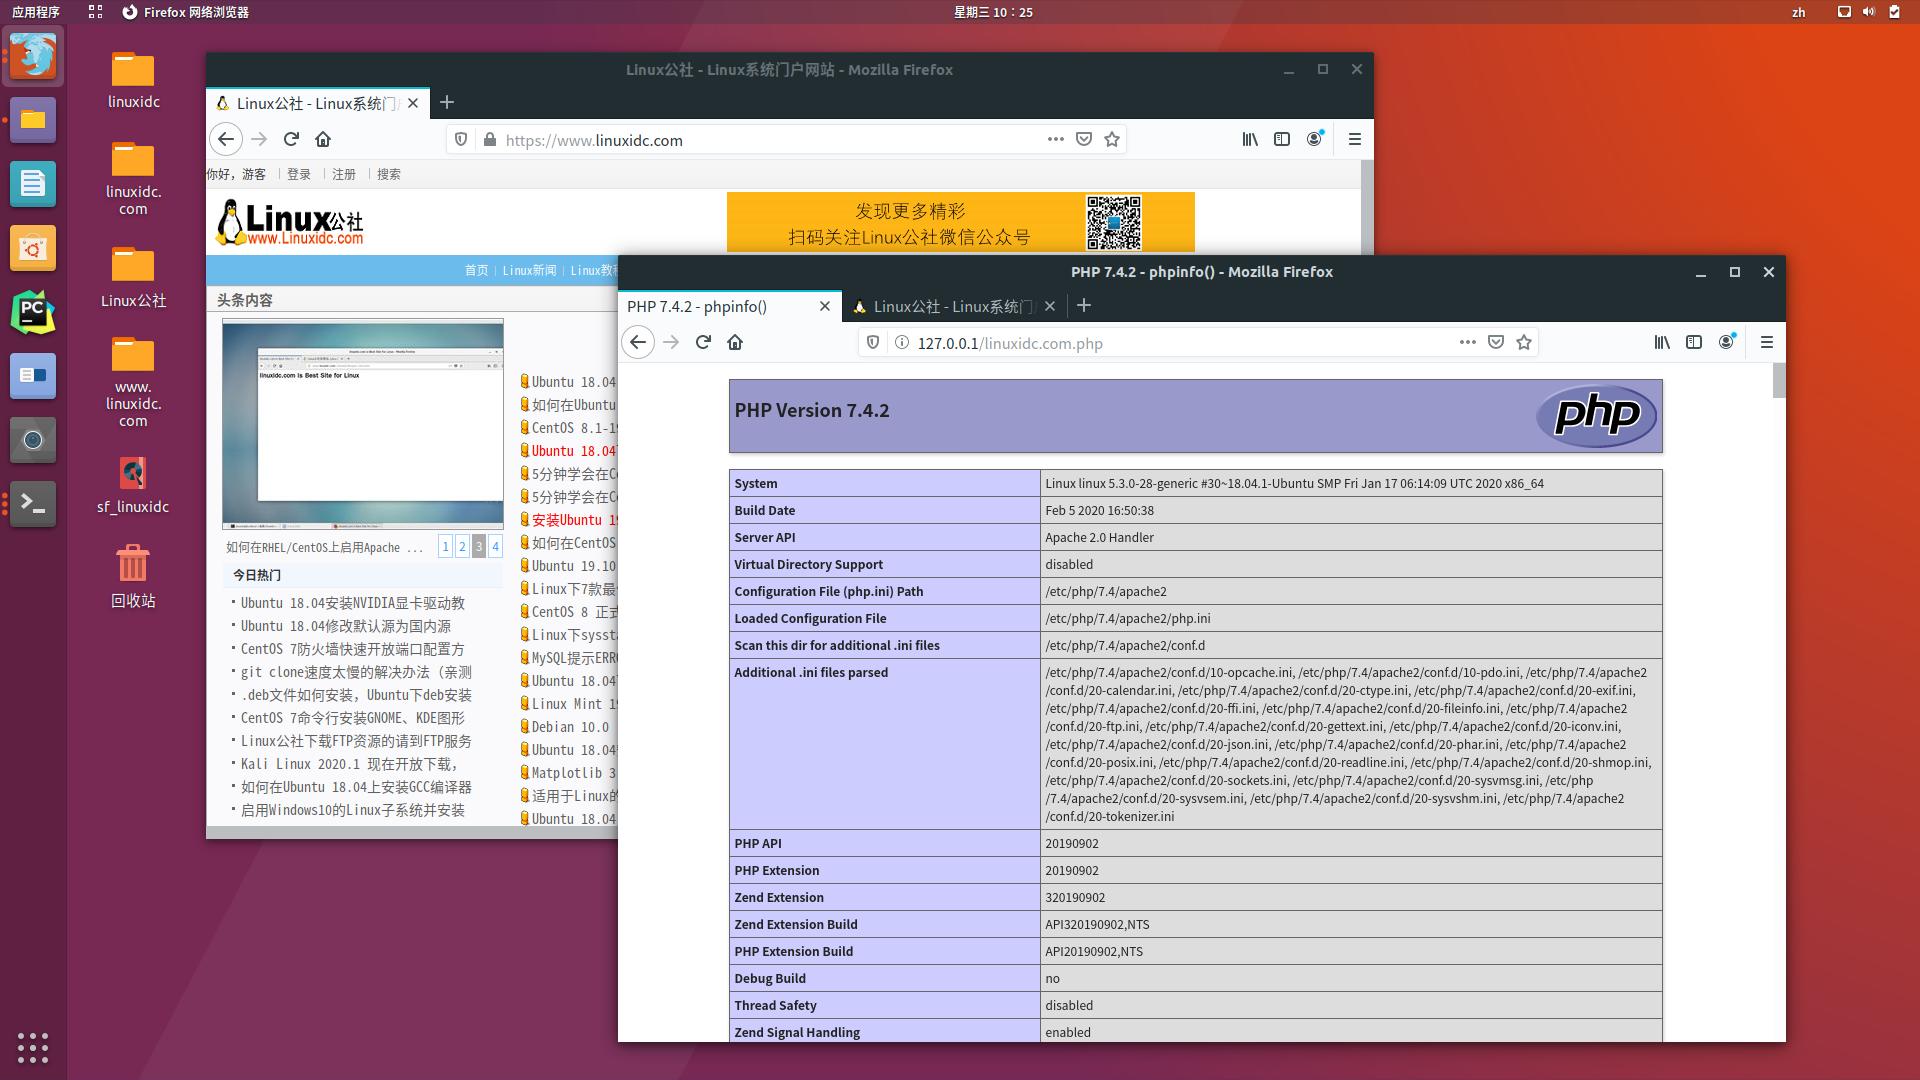 如何在Ubuntu 18.04/19.04/19.10上安装PHP 7.4